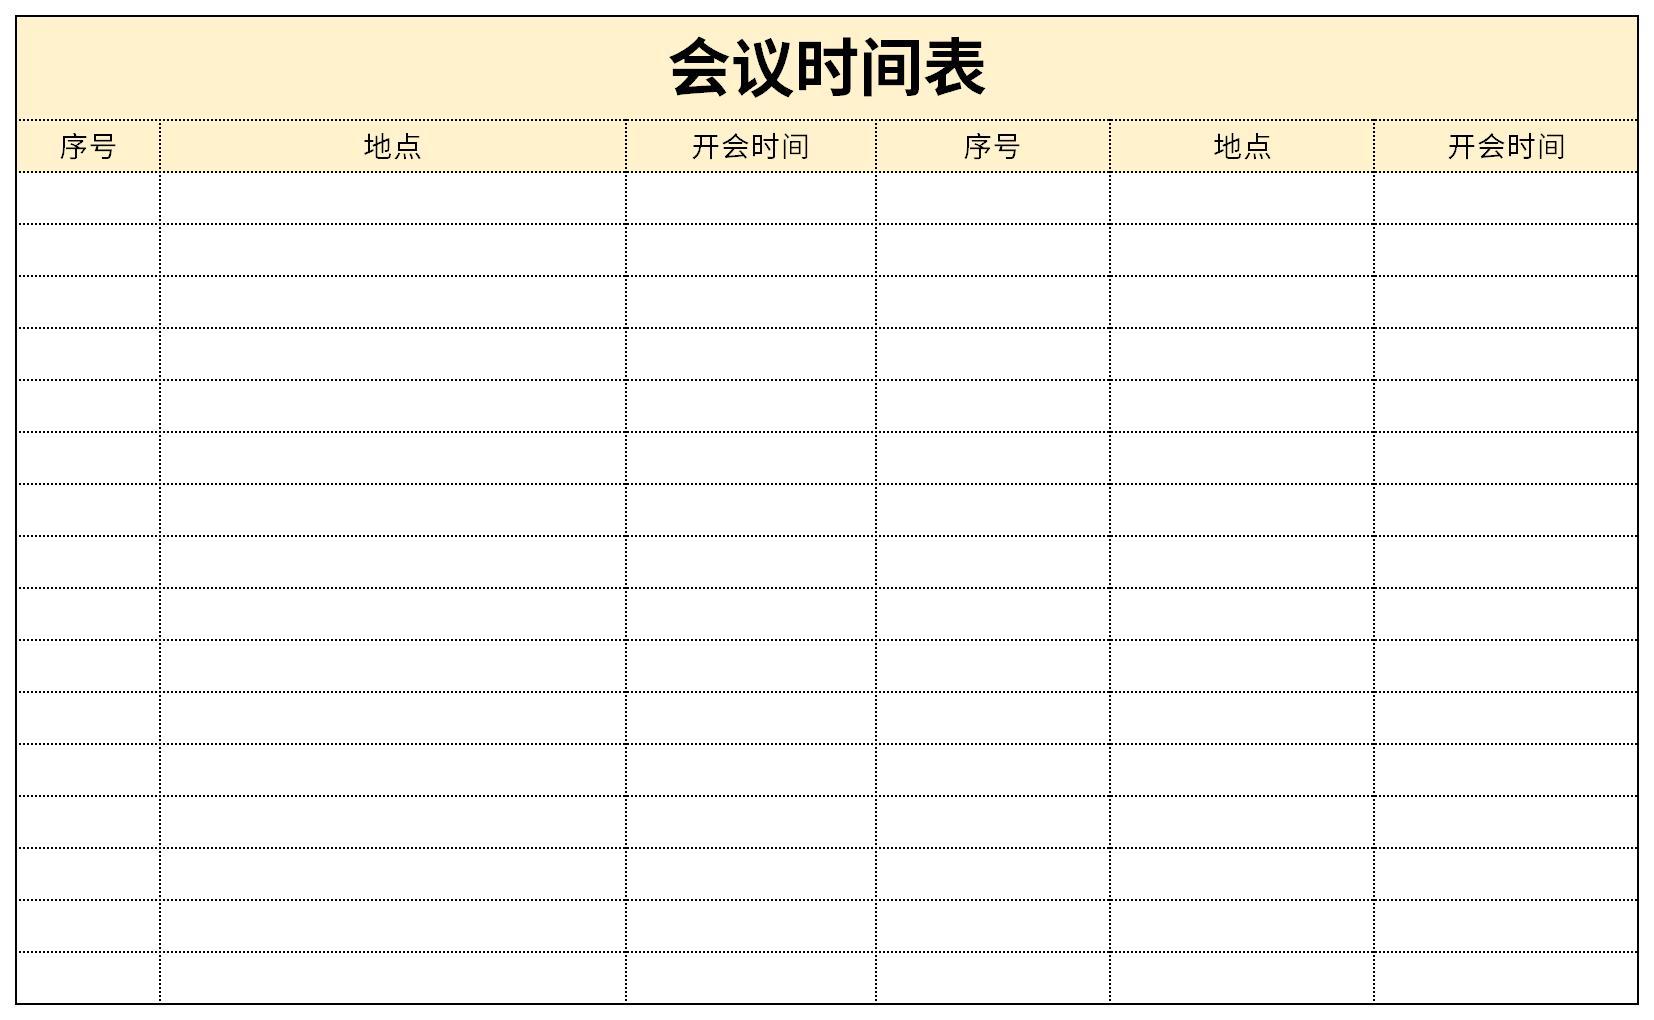 会议时间表截图